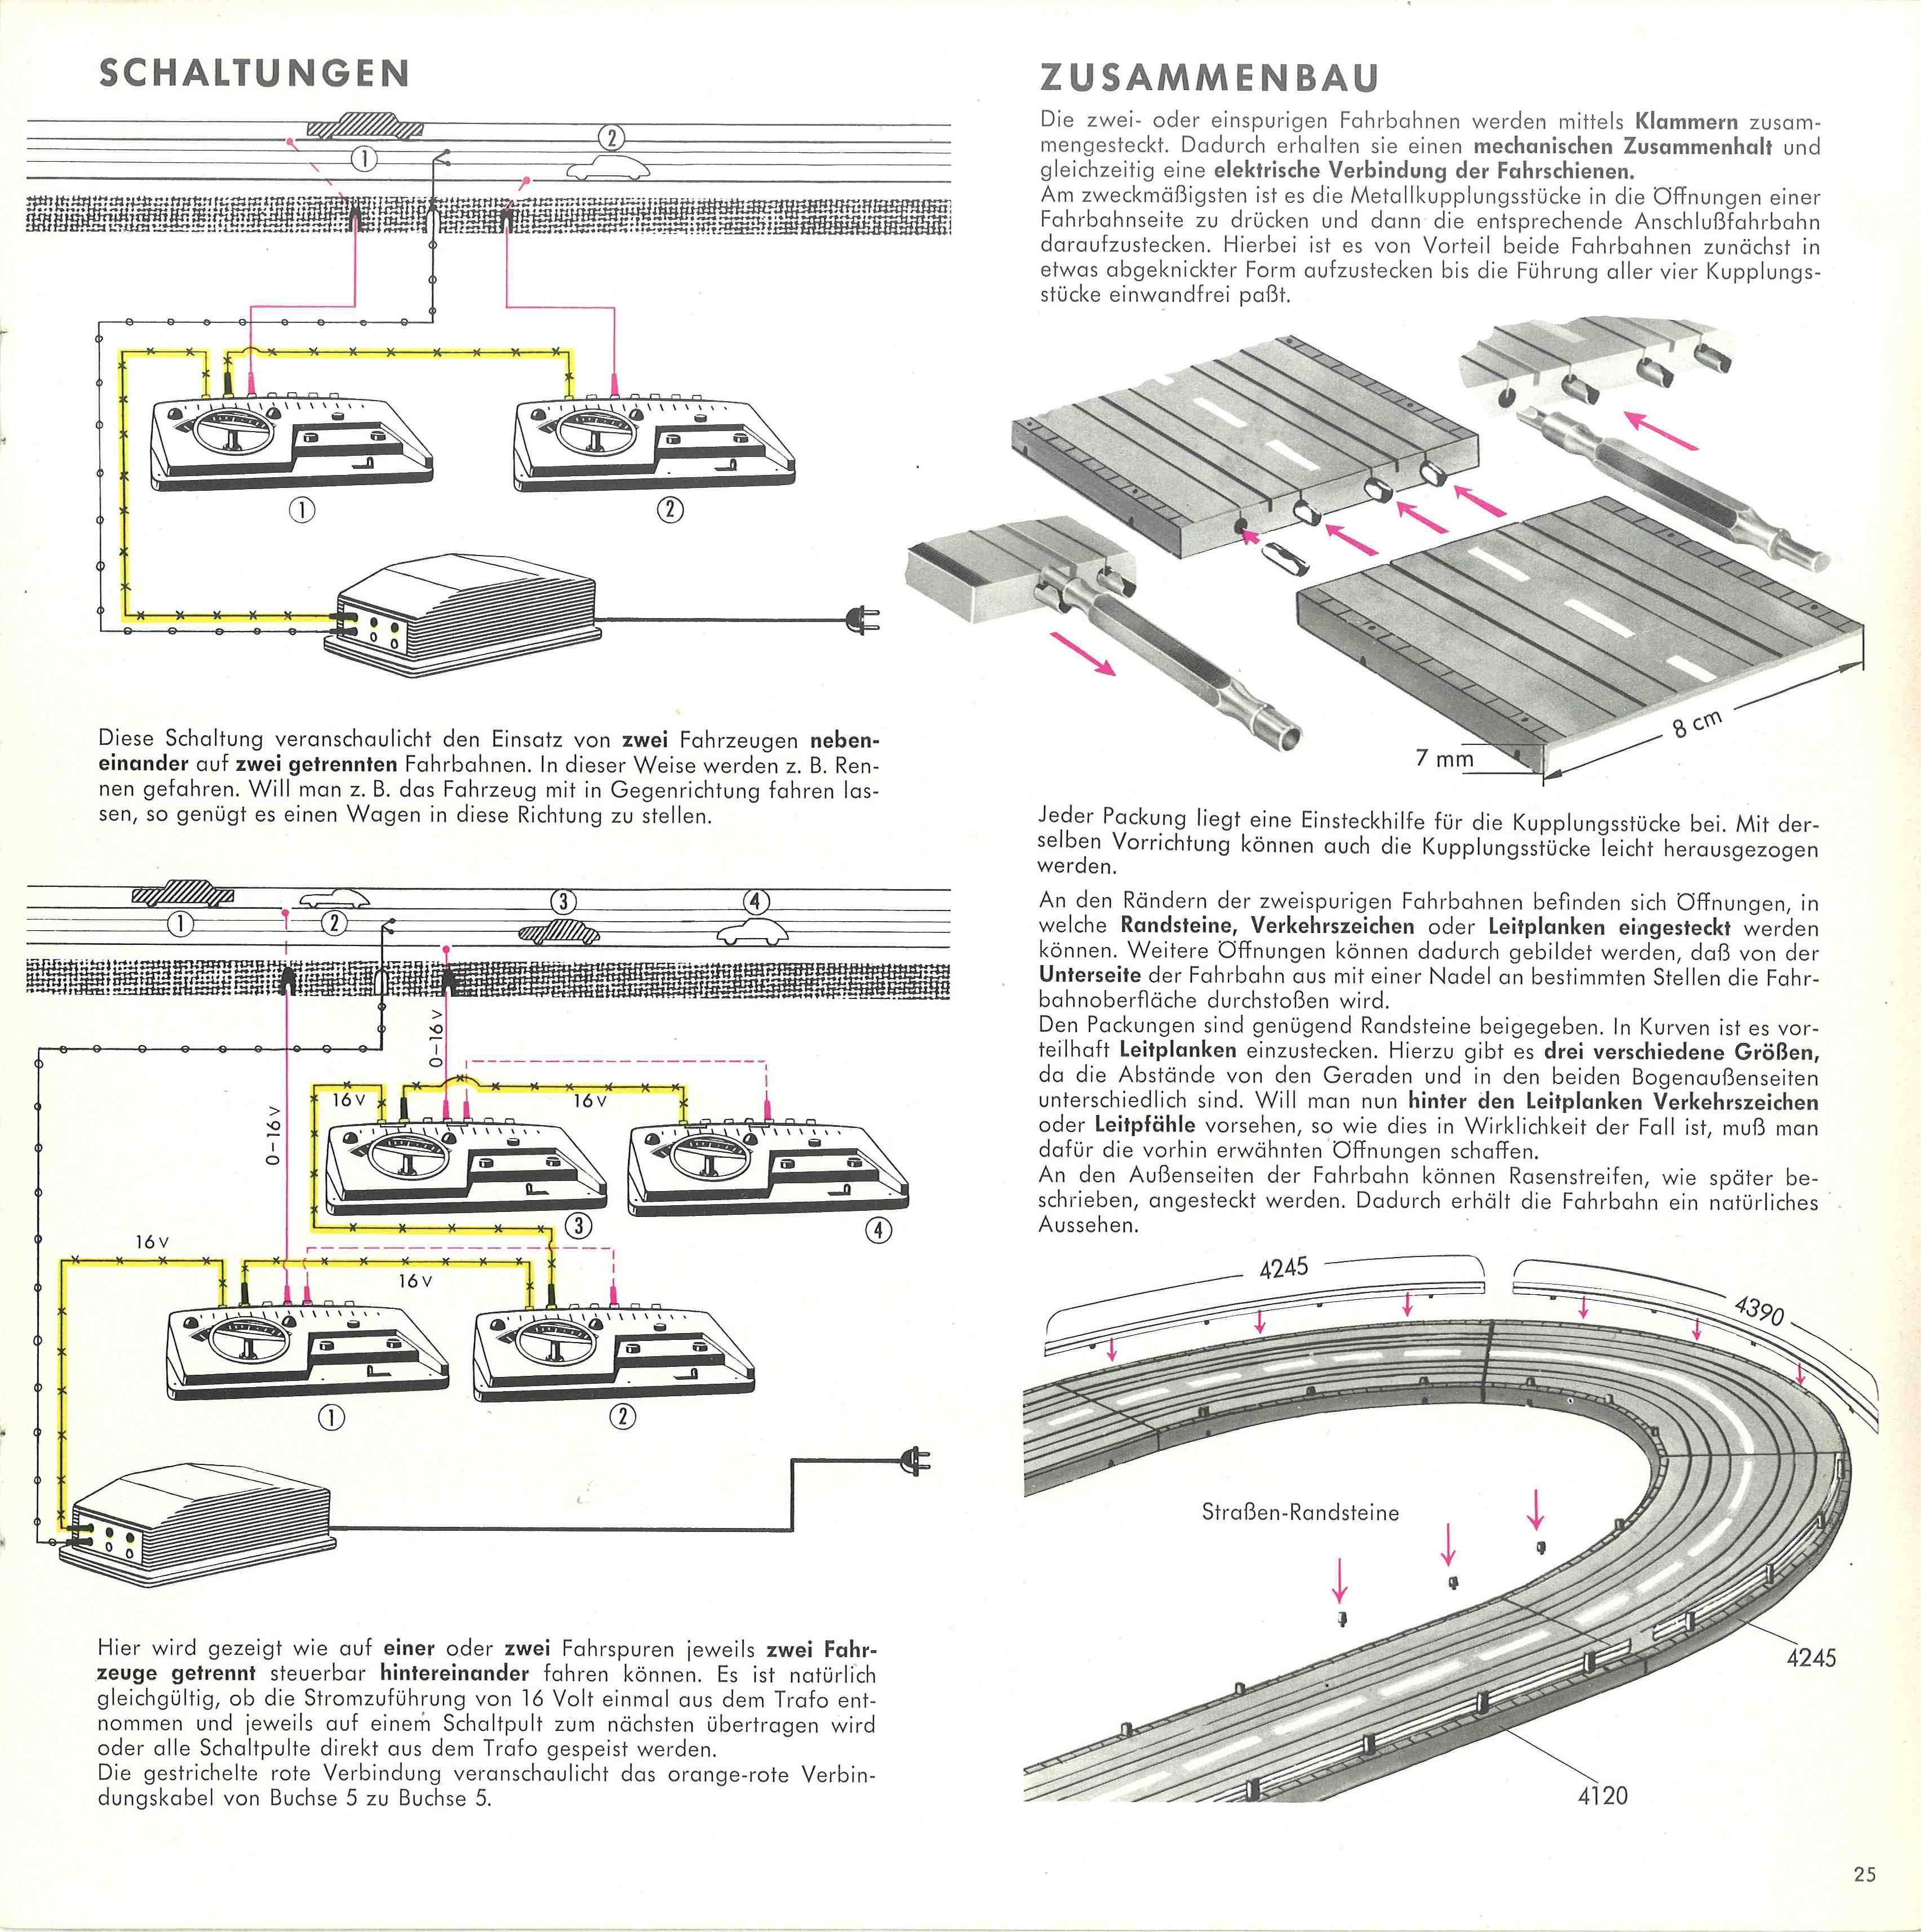 Wunderbar Klammern Für Die Elektrische Verkabelung Ideen ...